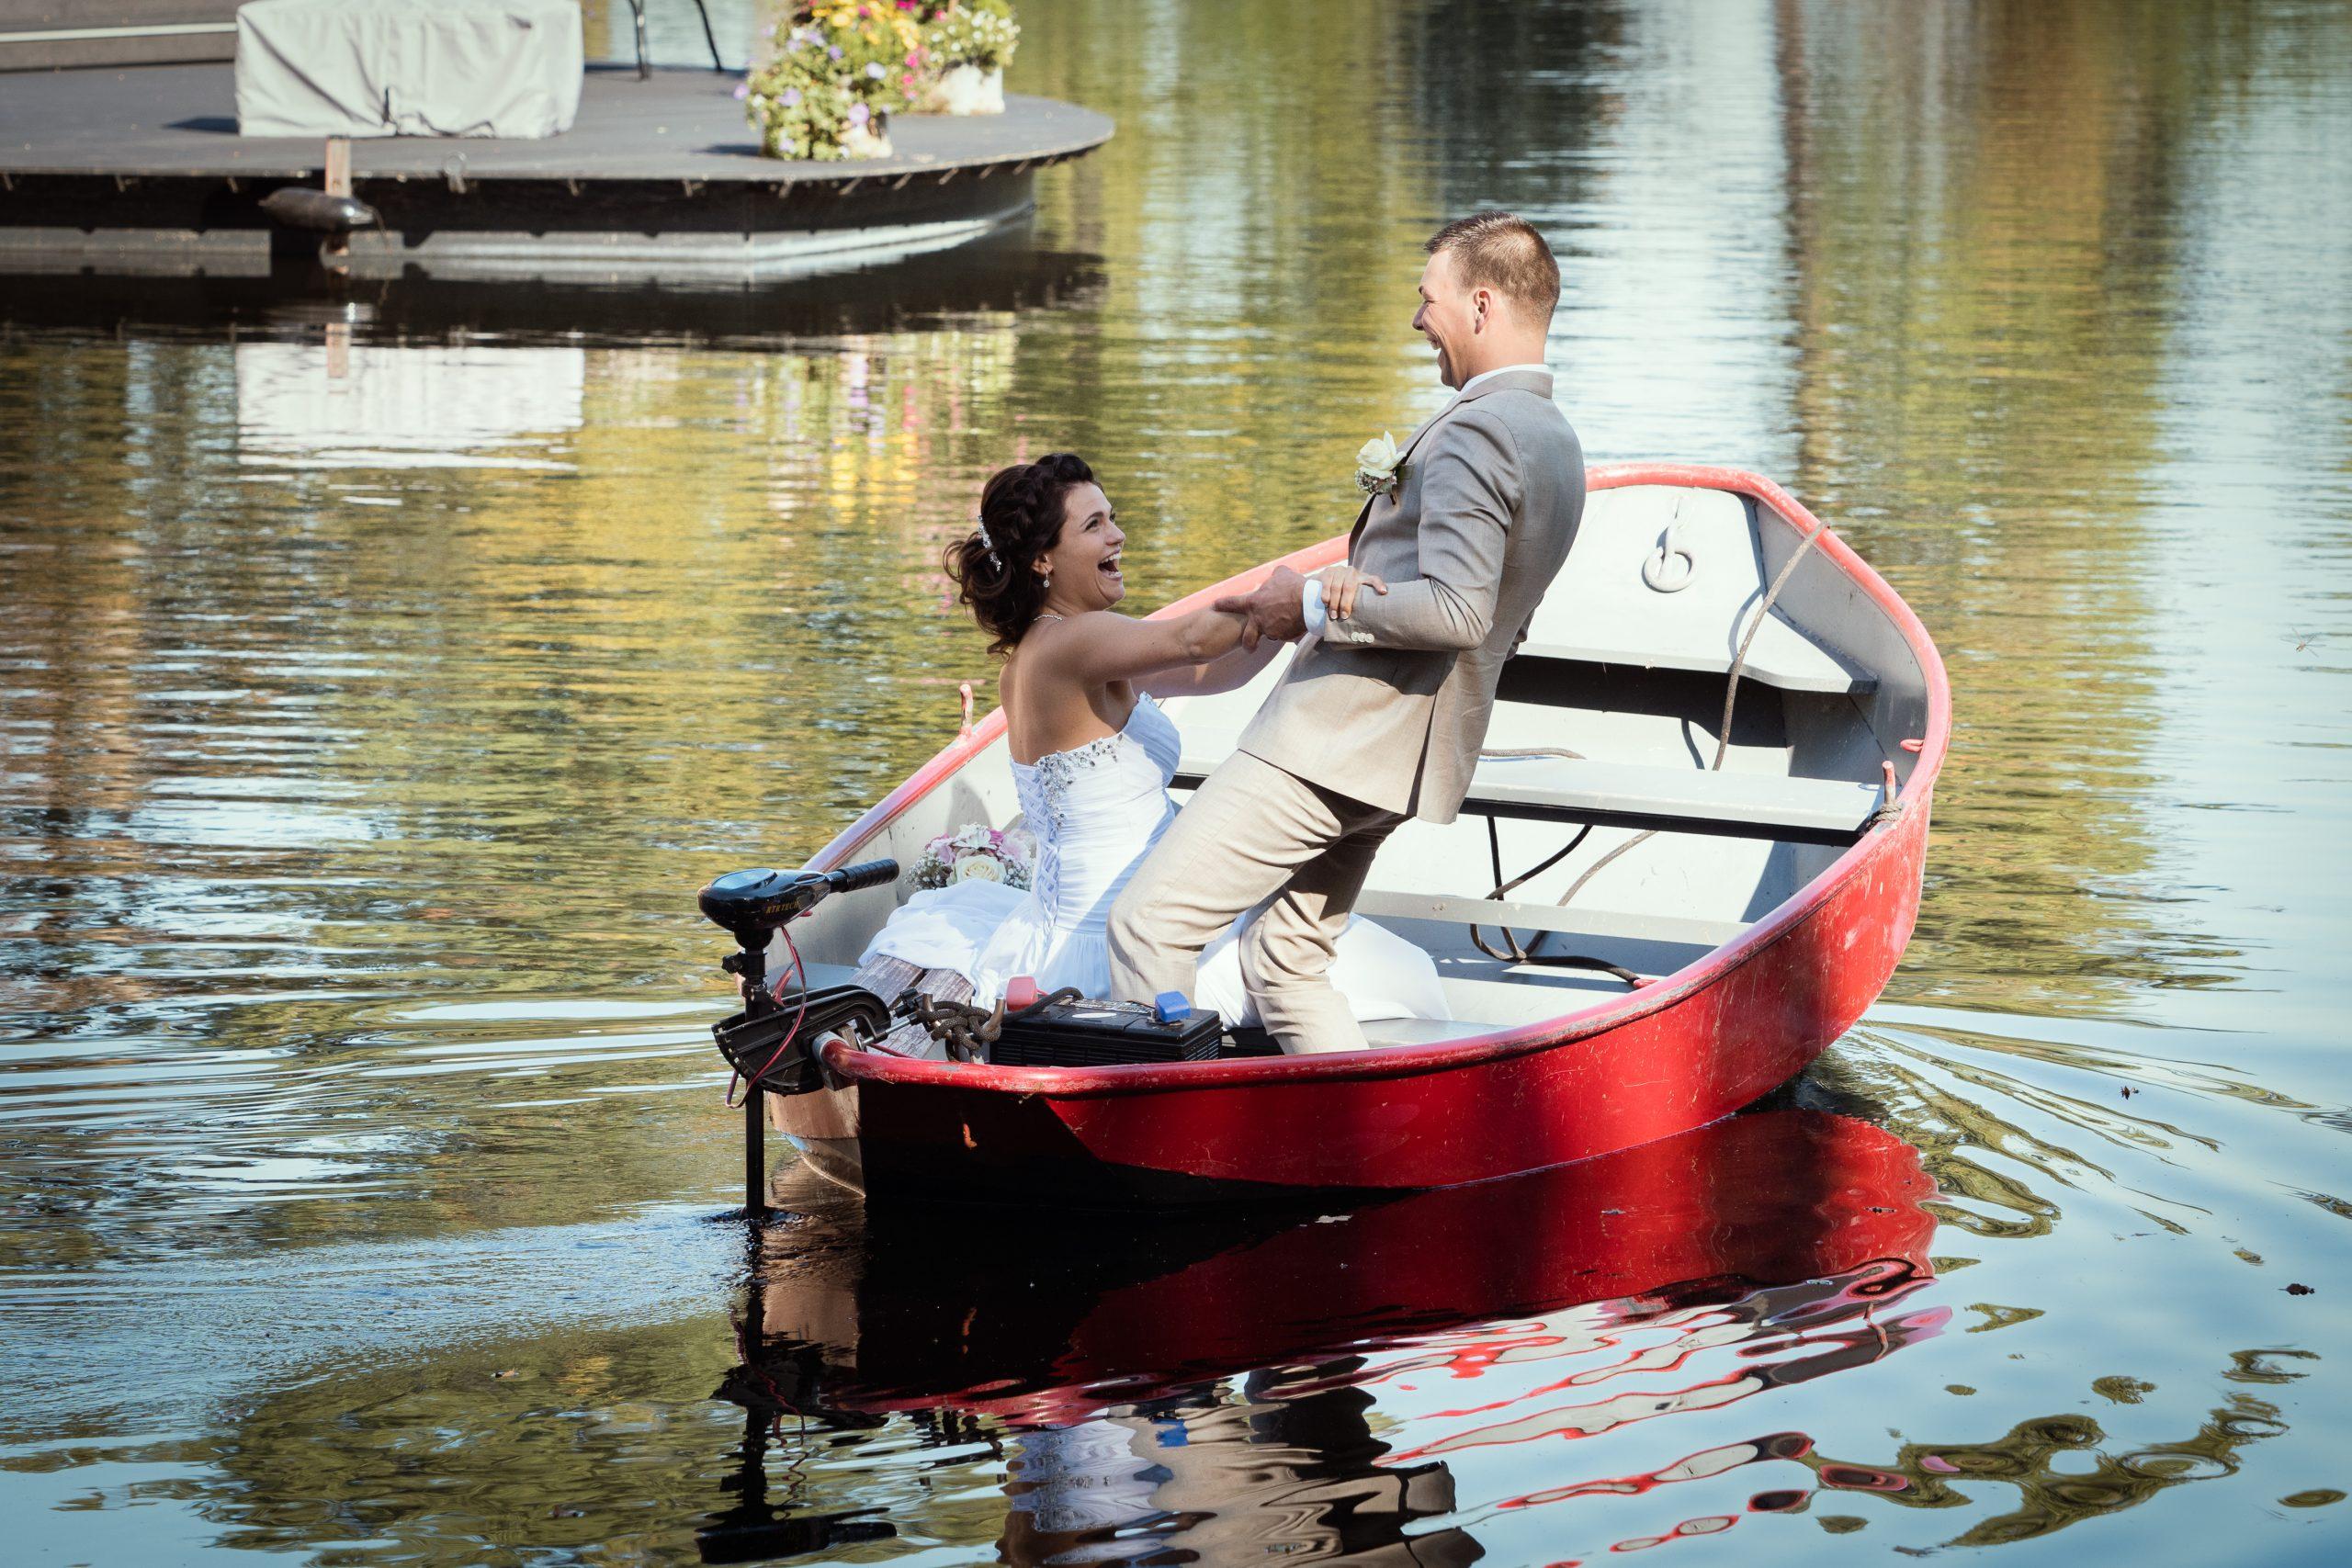 Varen met een bootje op de gracht van Kasteel Biljoen in Velp